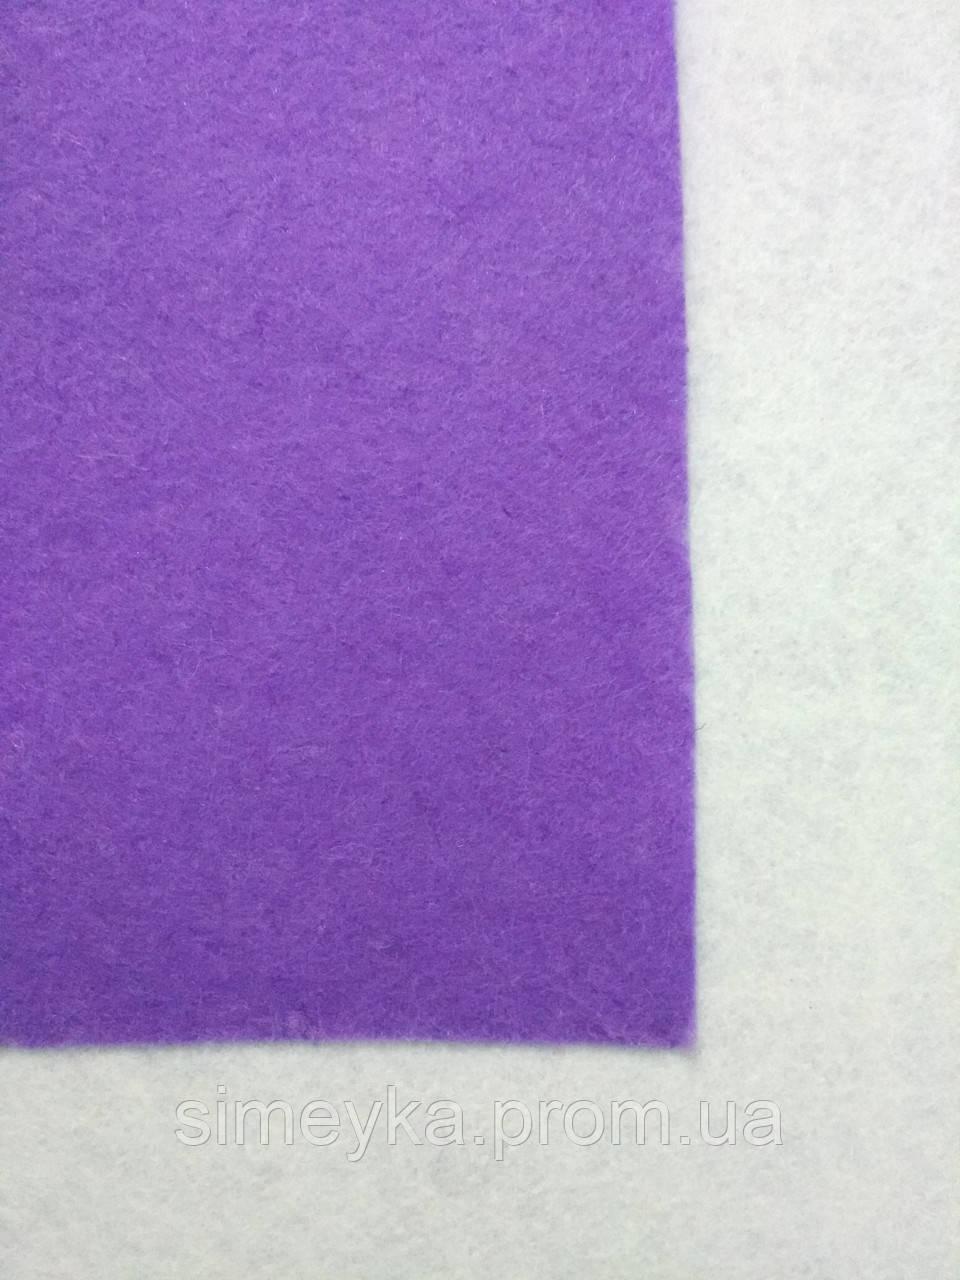 Фетр для рукоделия листовой, 1 лист 40*50 см, жёсткий, толщина 1 мм; сиреневый